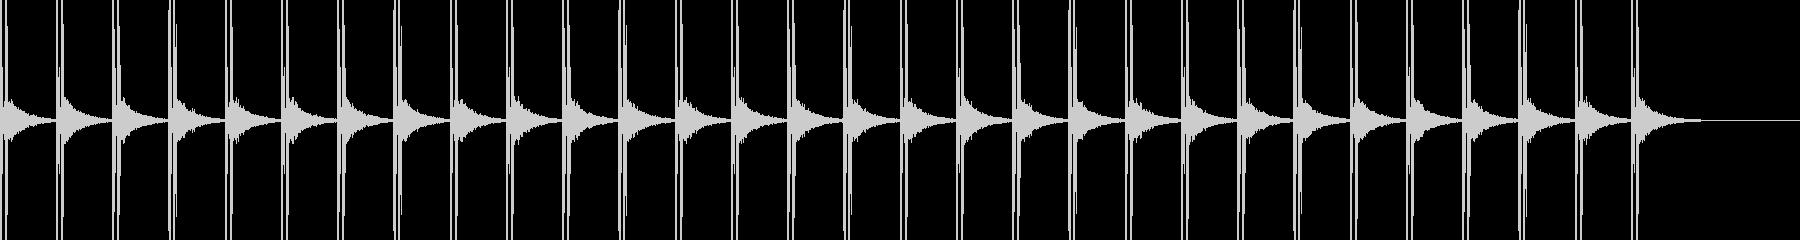 制限時間/カウントダウン/タイマー/脱出の未再生の波形